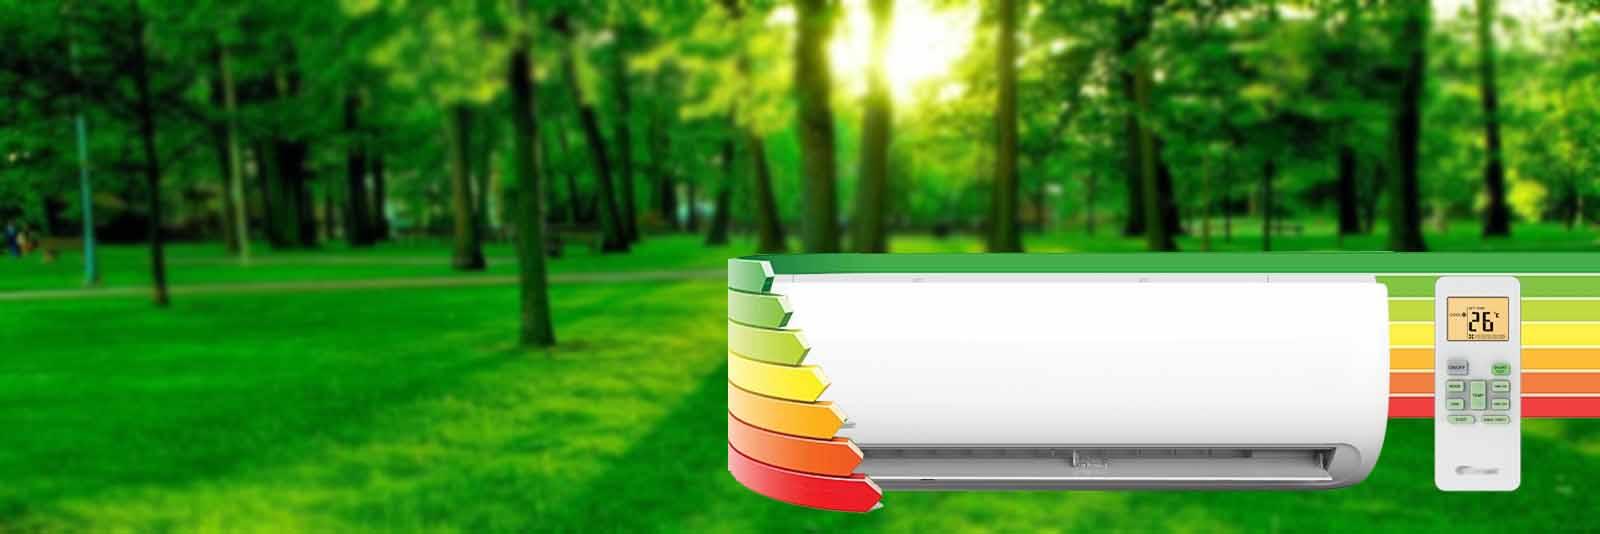 Показатели энергоэффективности кондиционеров и тепловых насосов